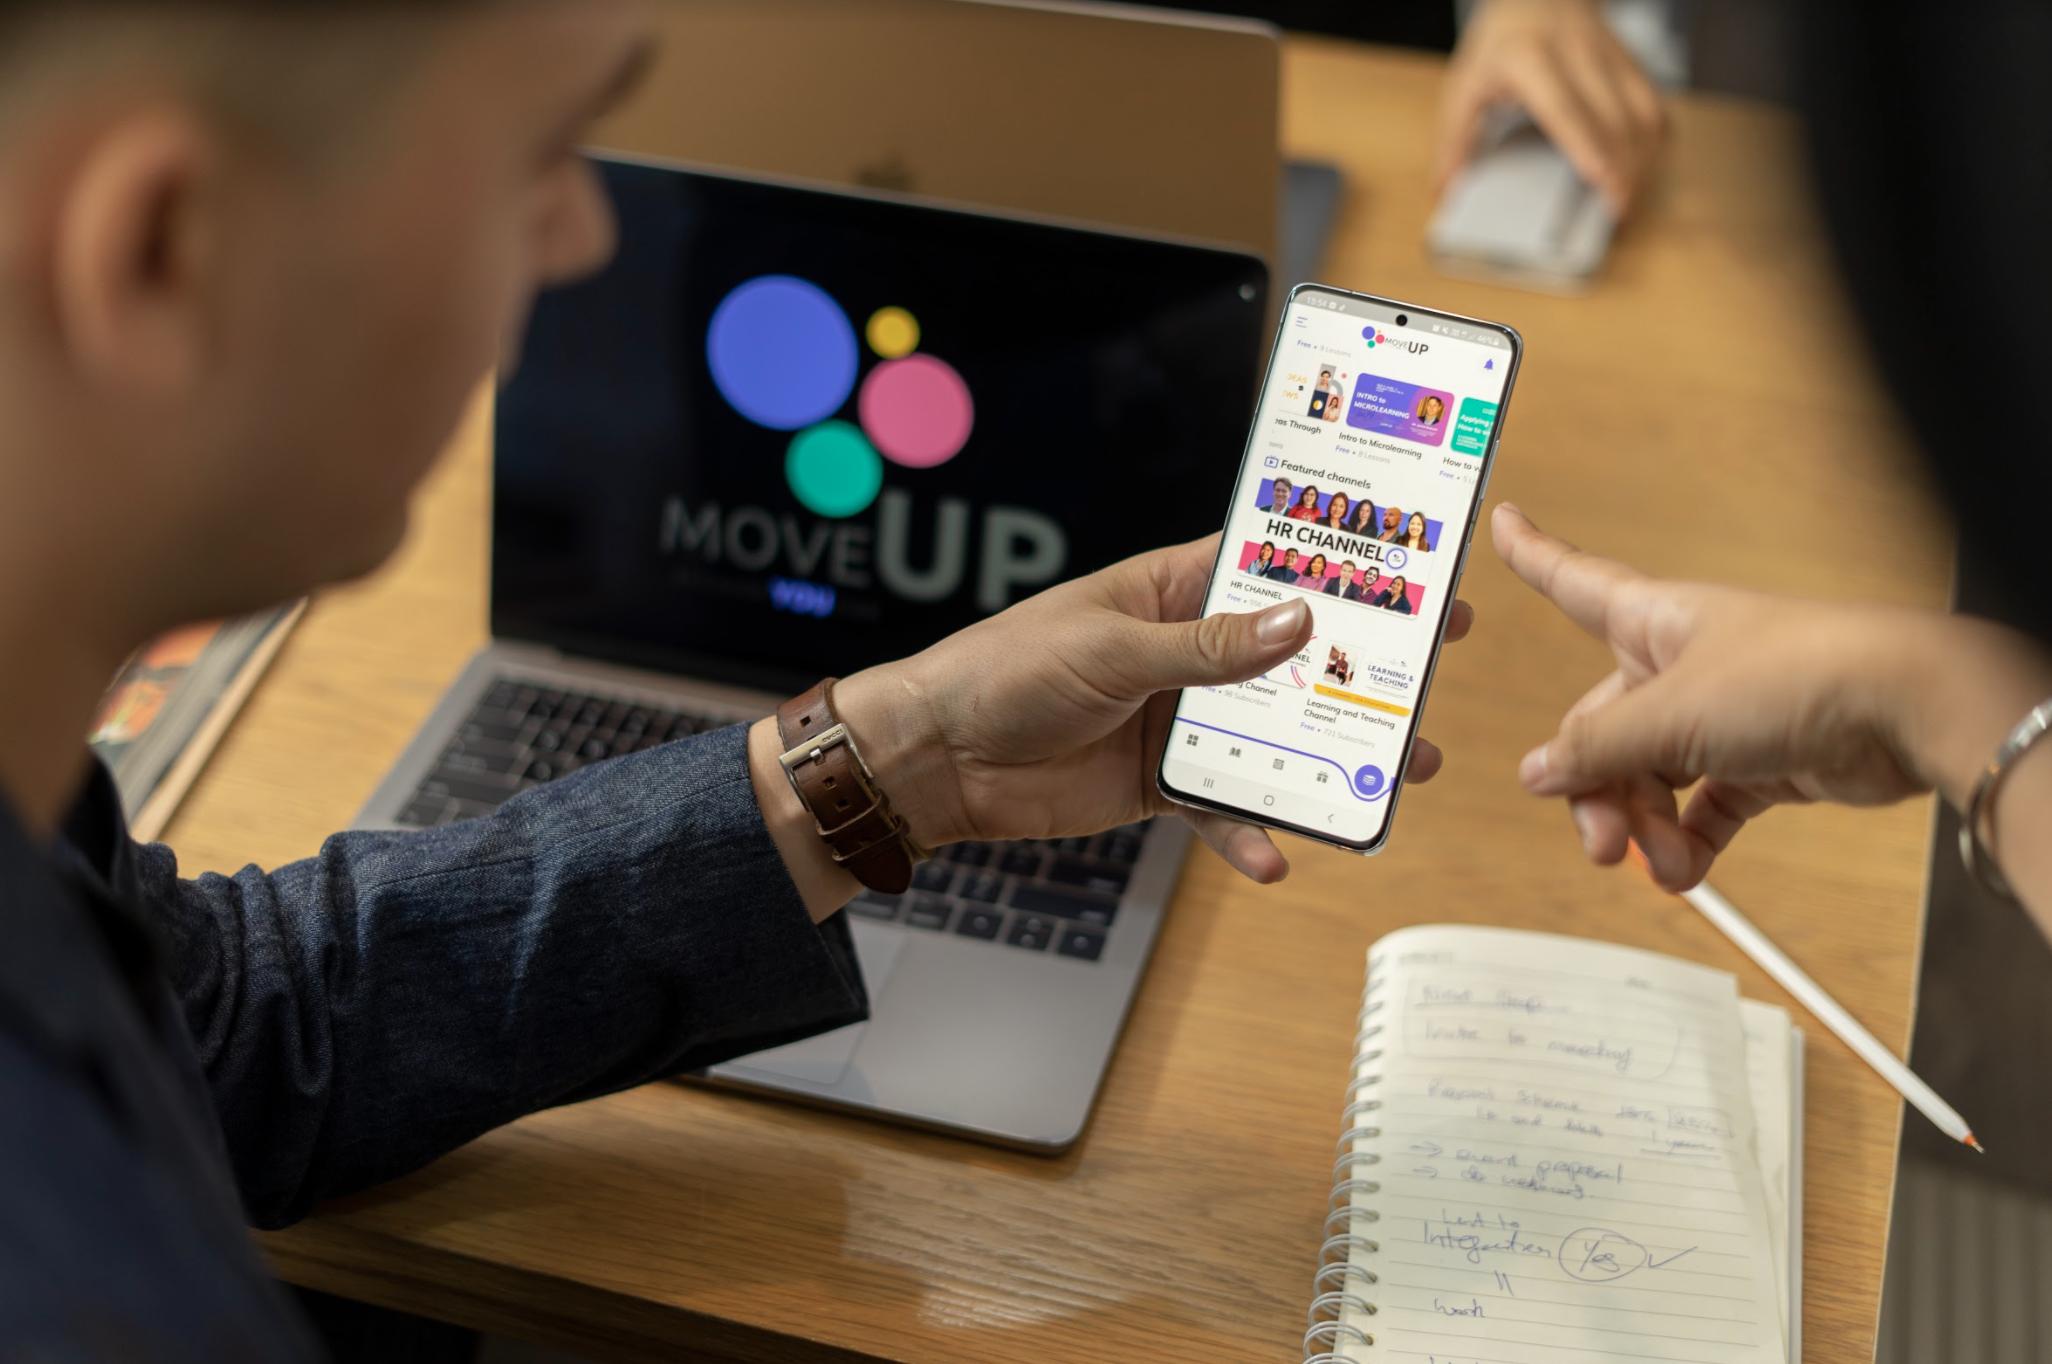 Người dùng đang thao tác trên ứng dụng MoveUp. Ảnh: NVCC.